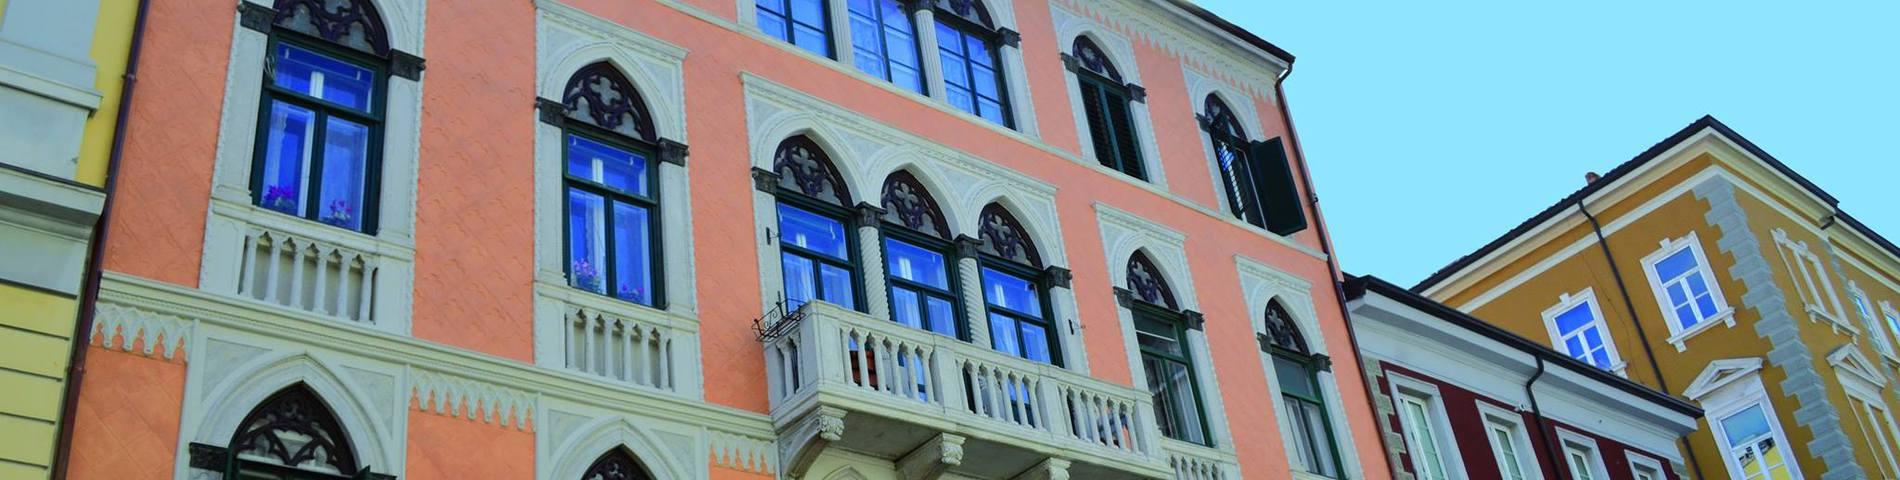 Piccola Università Italiana - Le Venezie صورة 1